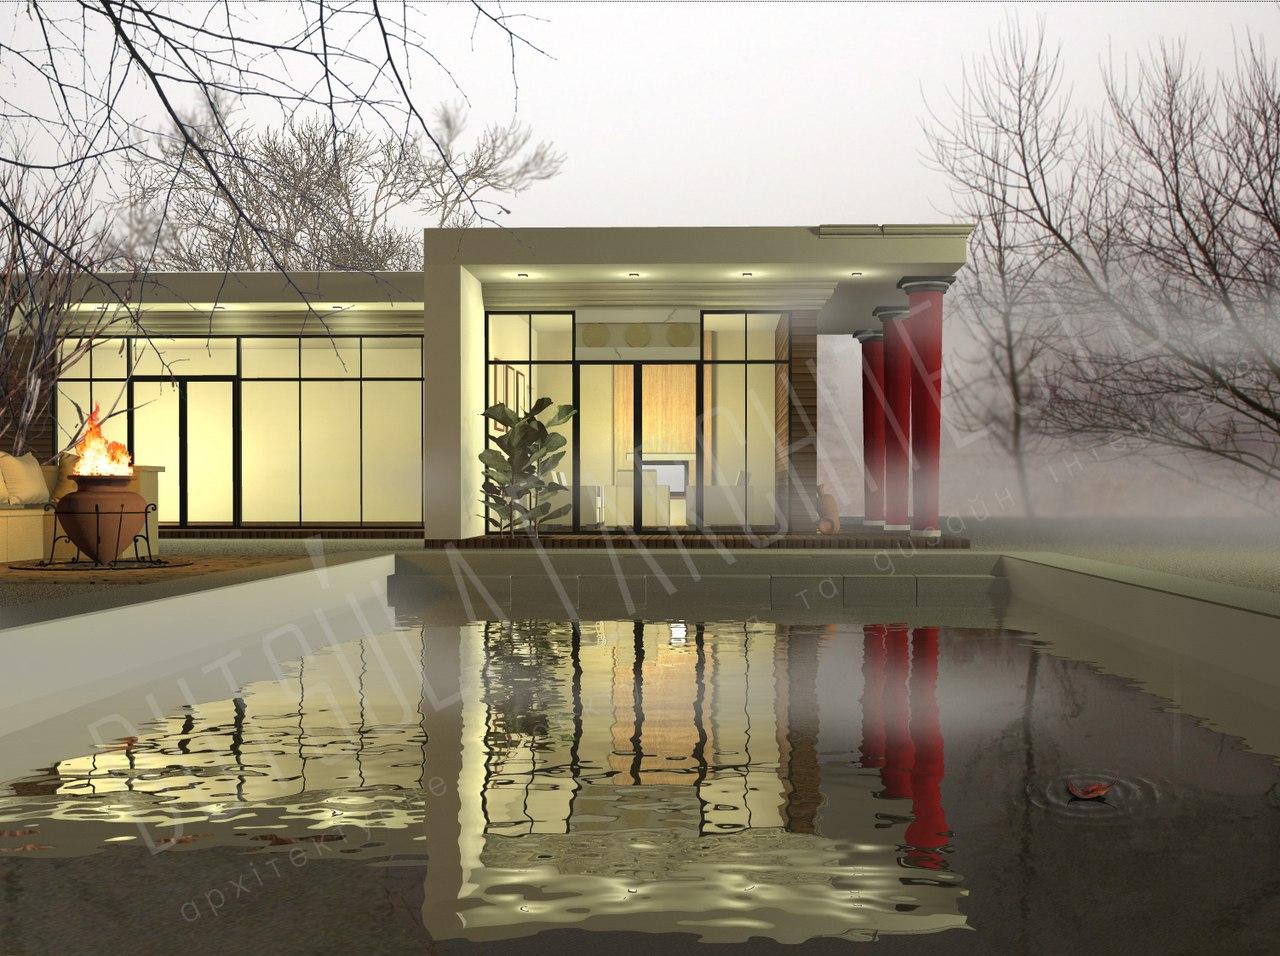 Архитектурная визуализация дома с бассейном в современном стиле.